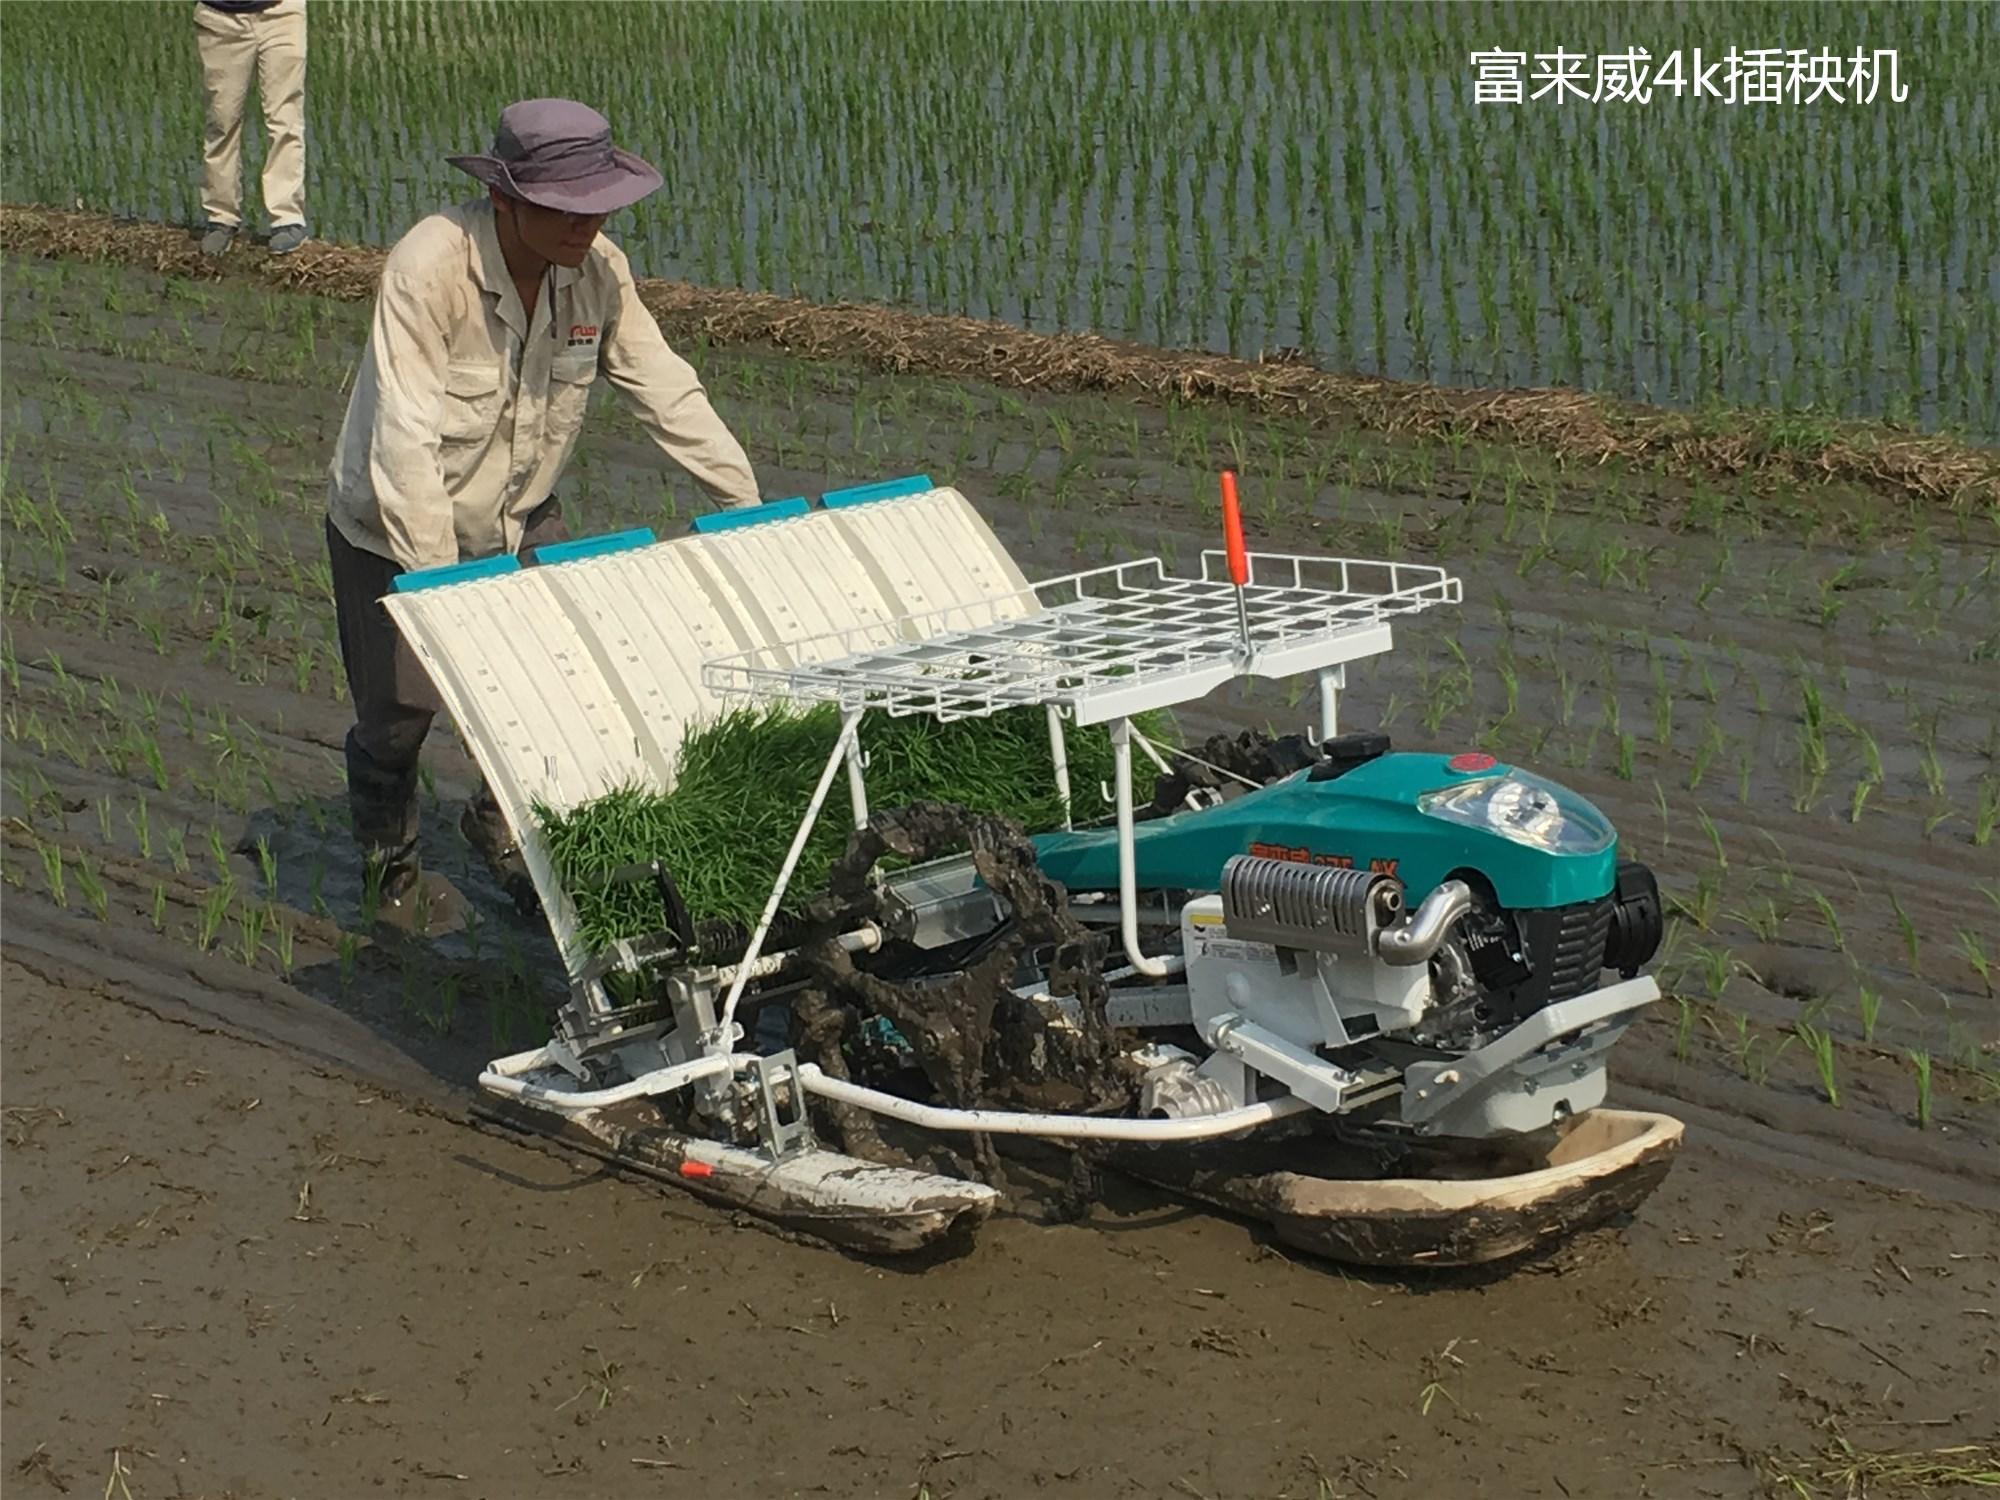 手扶式插秧机 厂家畅销 快速插秧 秧苗整齐